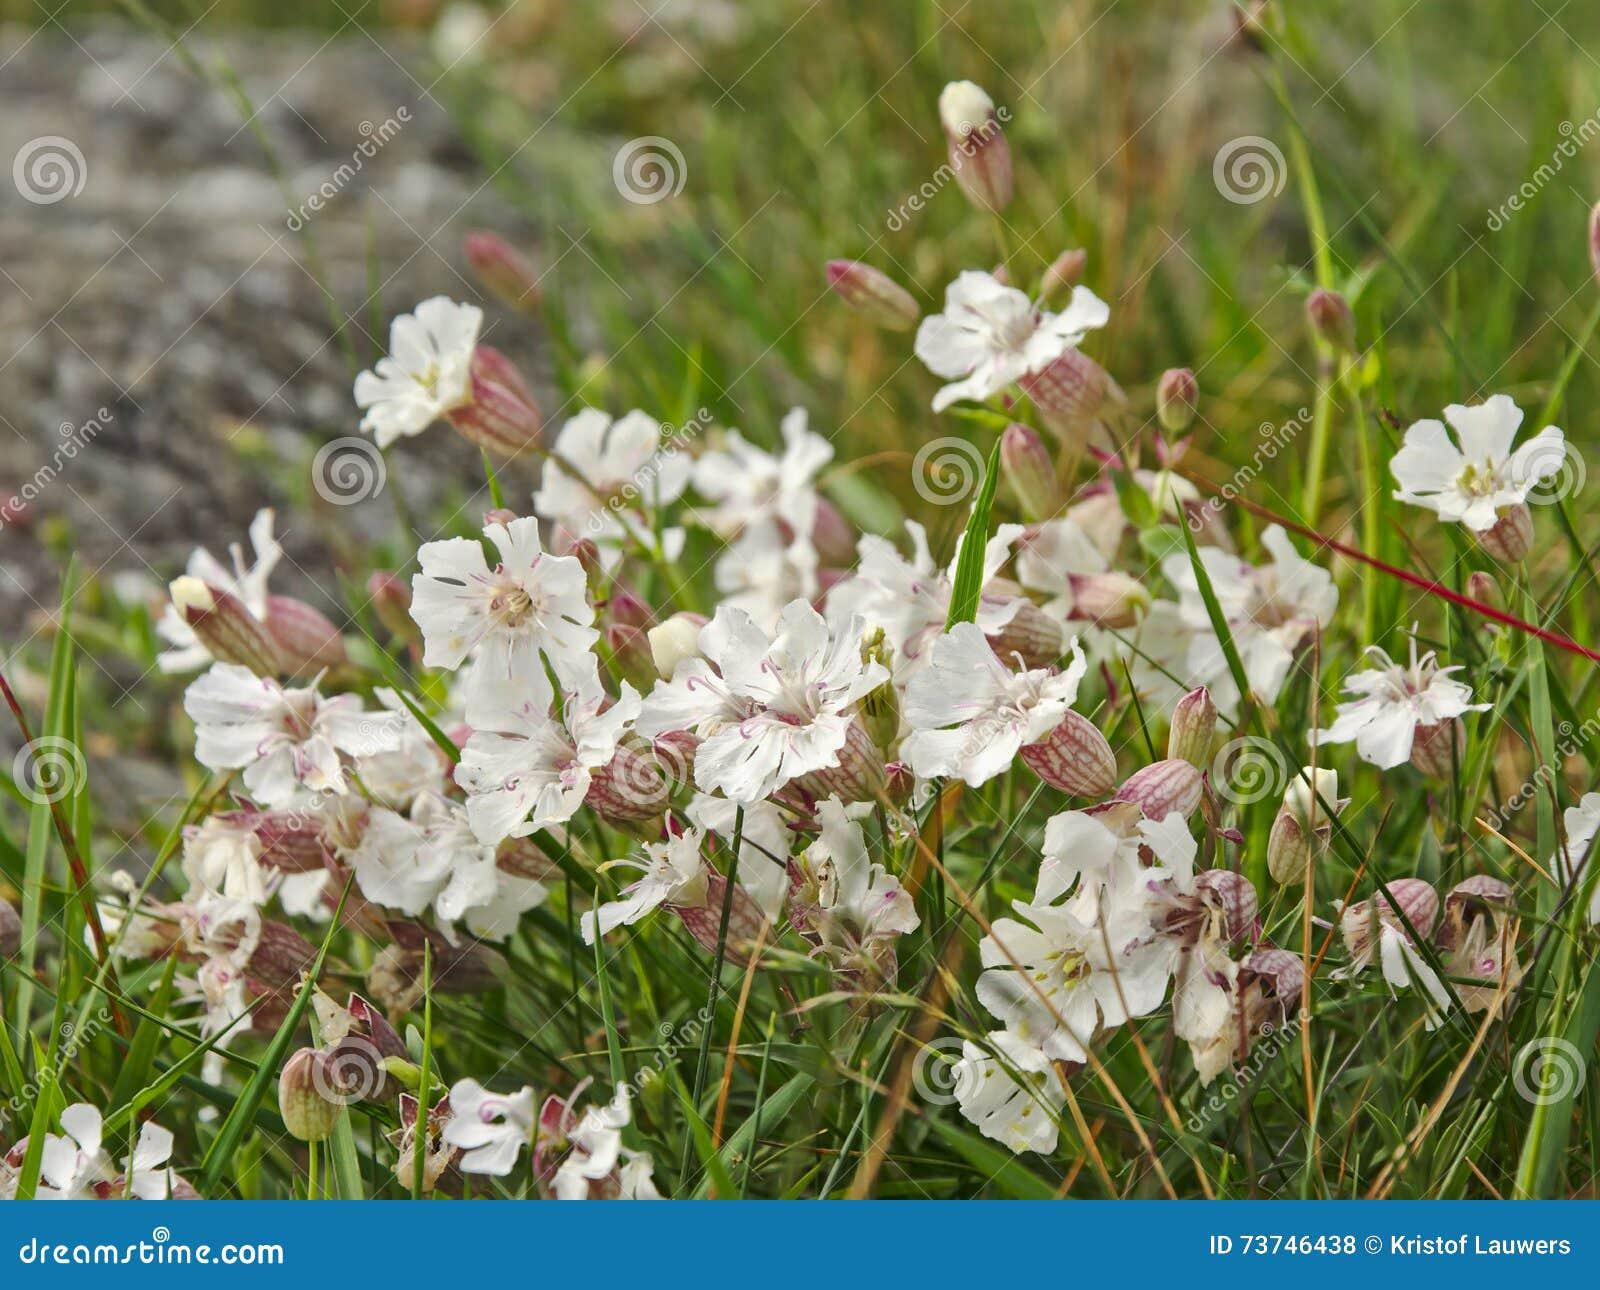 White Mountain Flowers Stock Photo Image Of Mountains 73746438